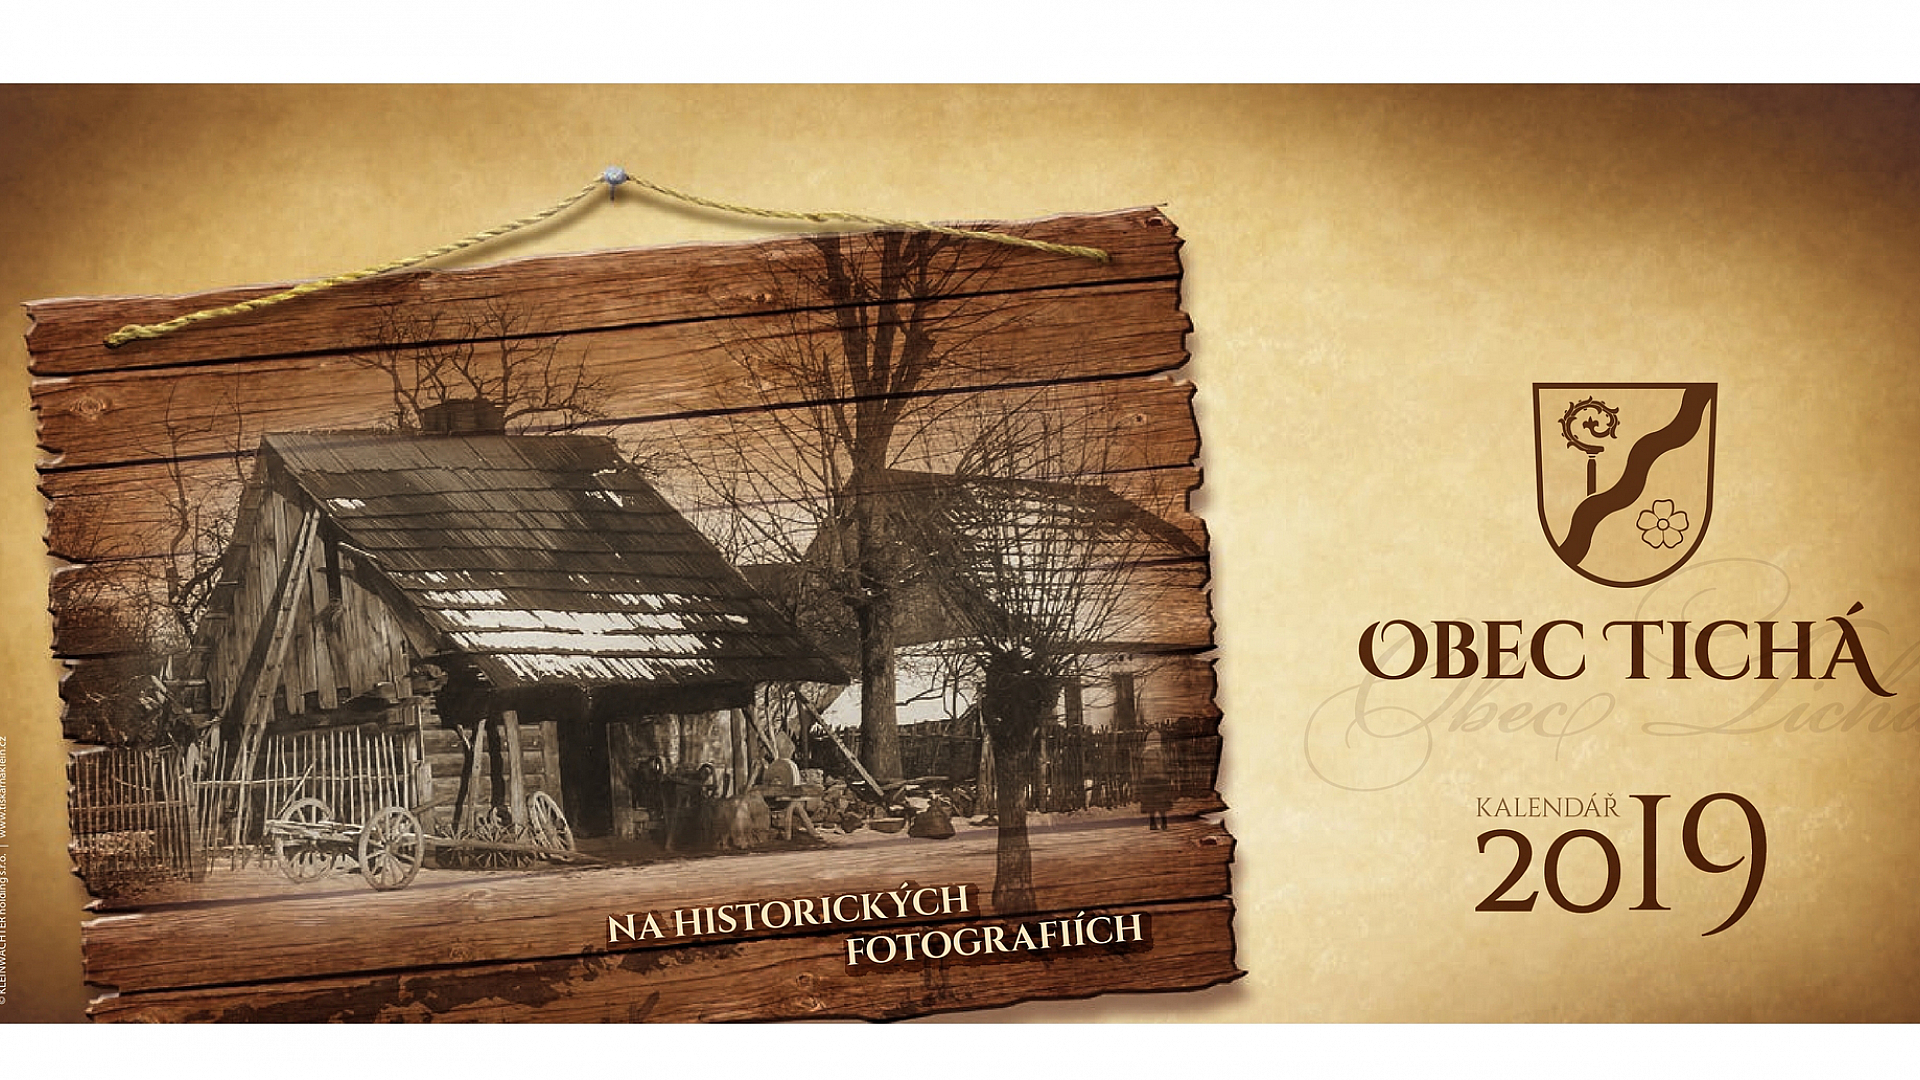 Obec Tichá - Kalendář 2019